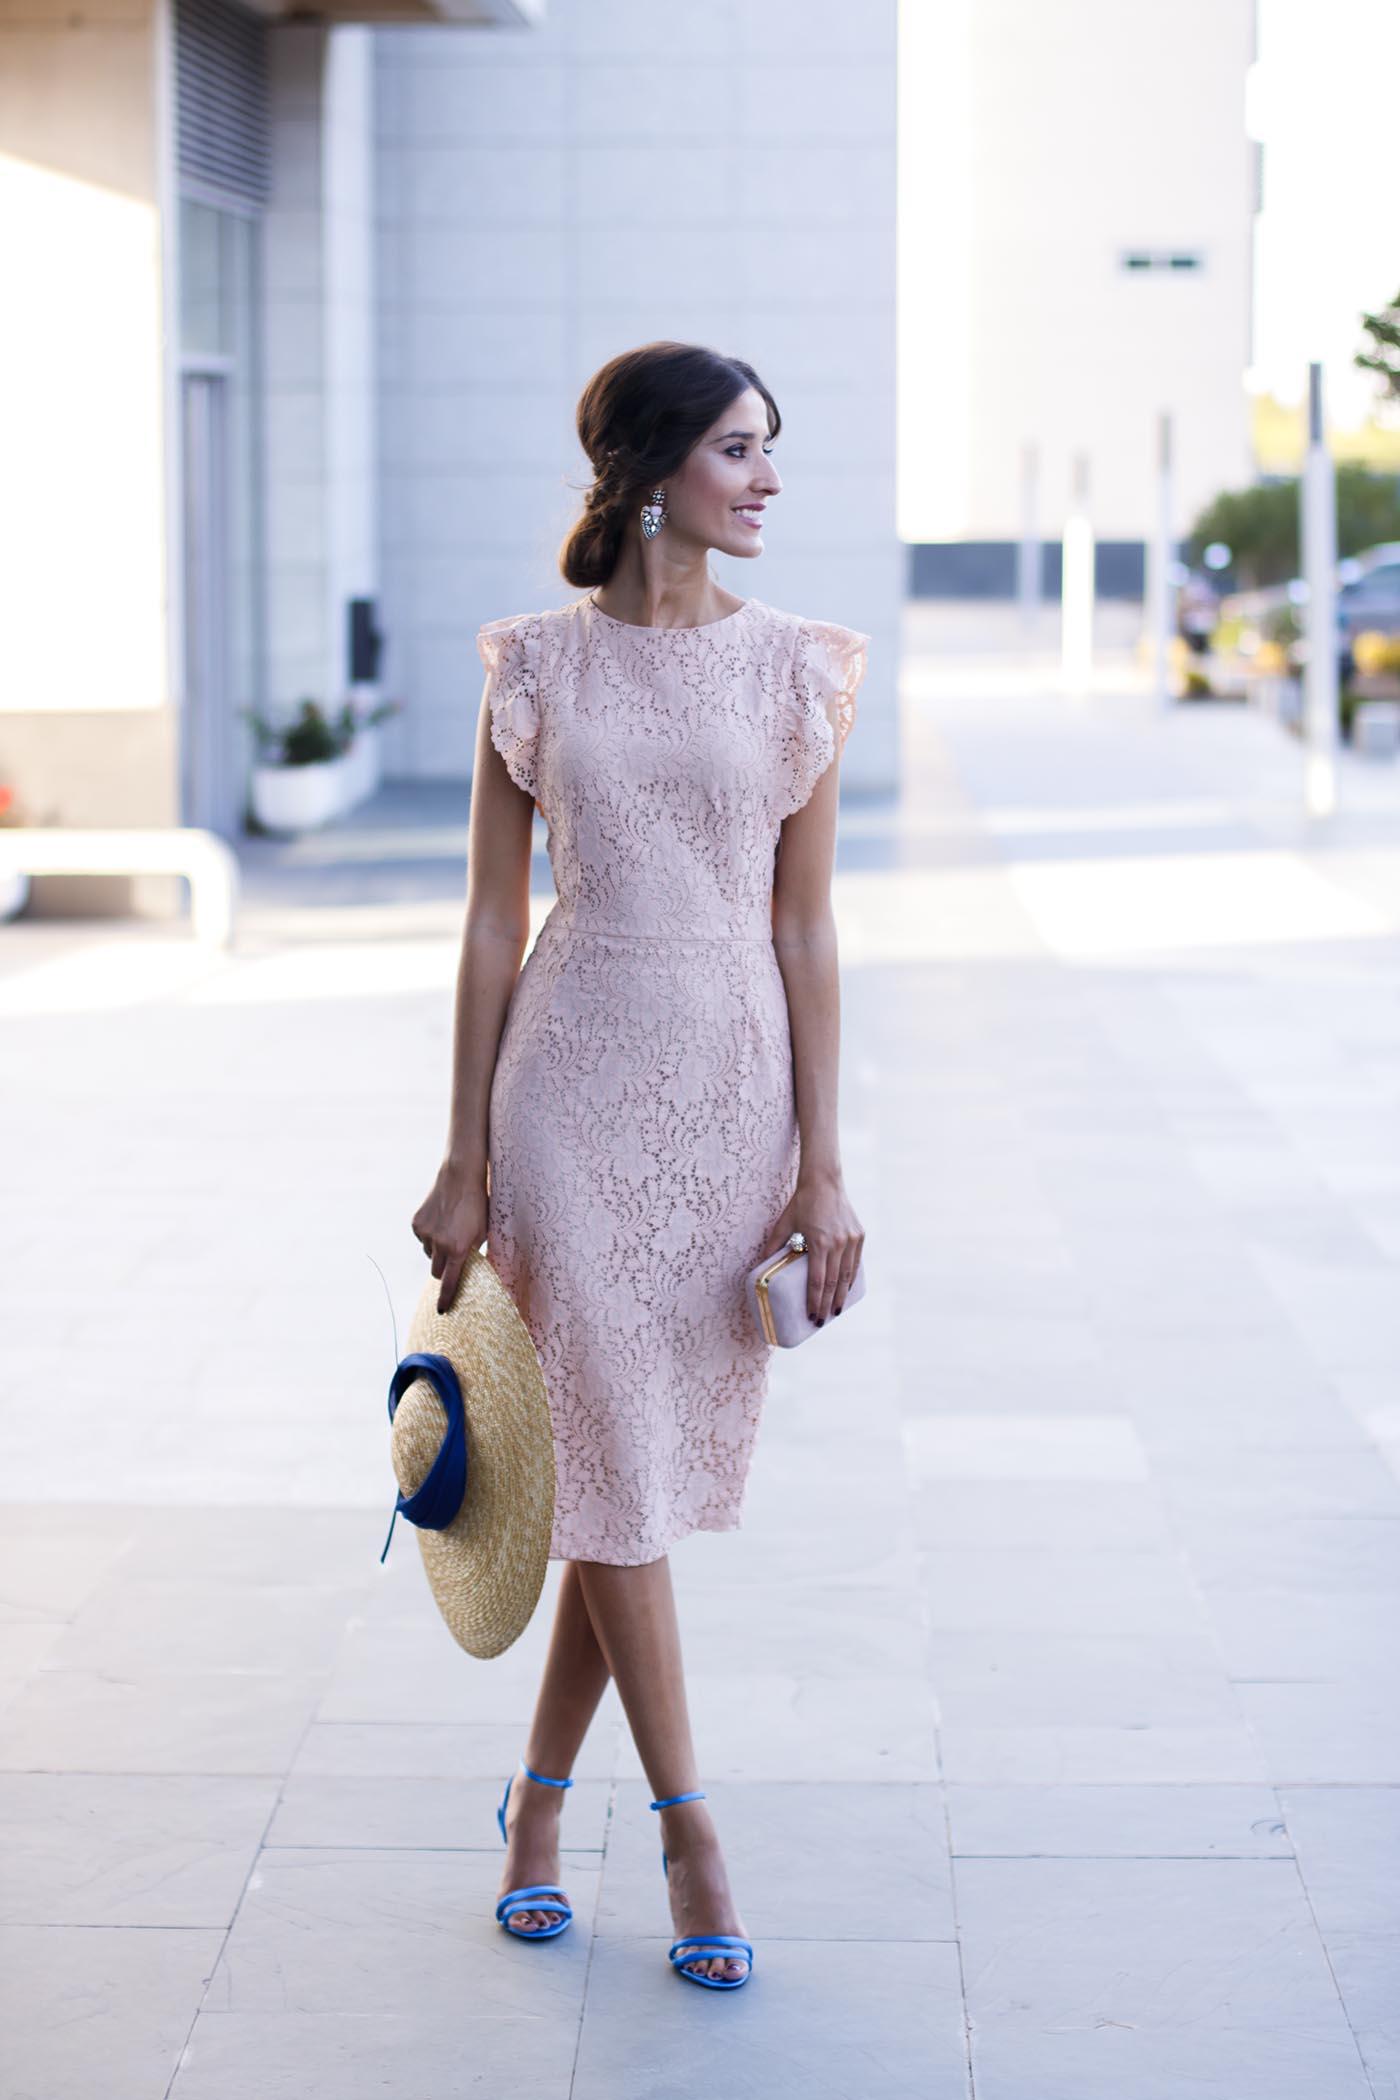 dd4d8f158 Look invitada perfecta lowcost Zara con vestido de encaje rosa y ...